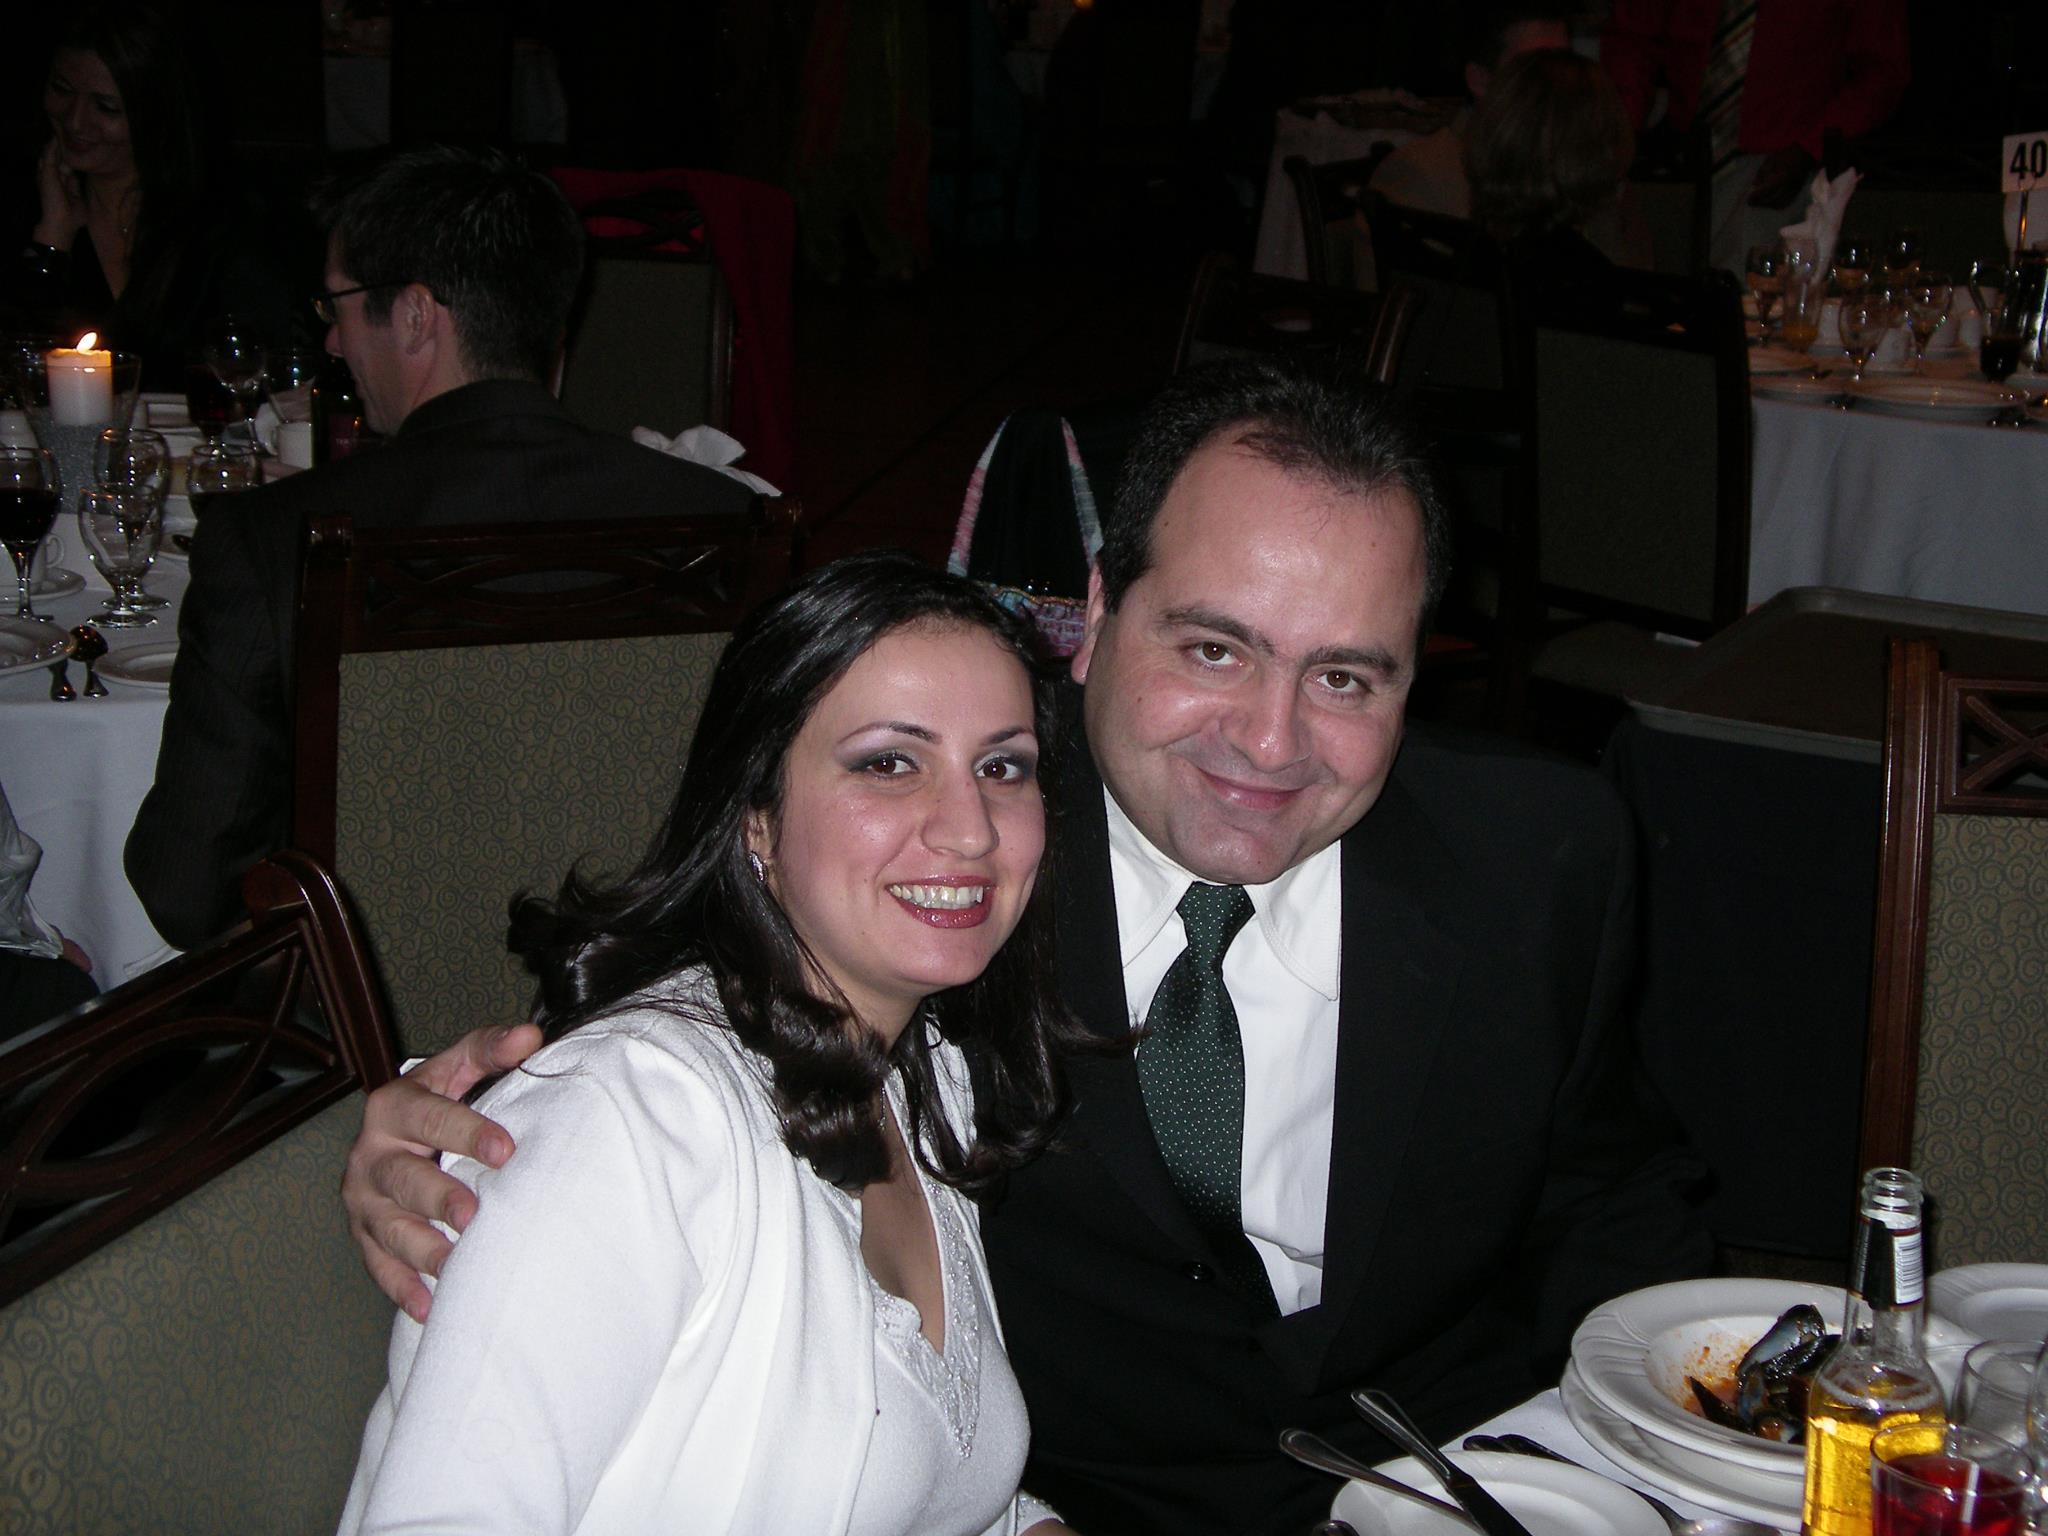 Me_and_My_Husband.jpg